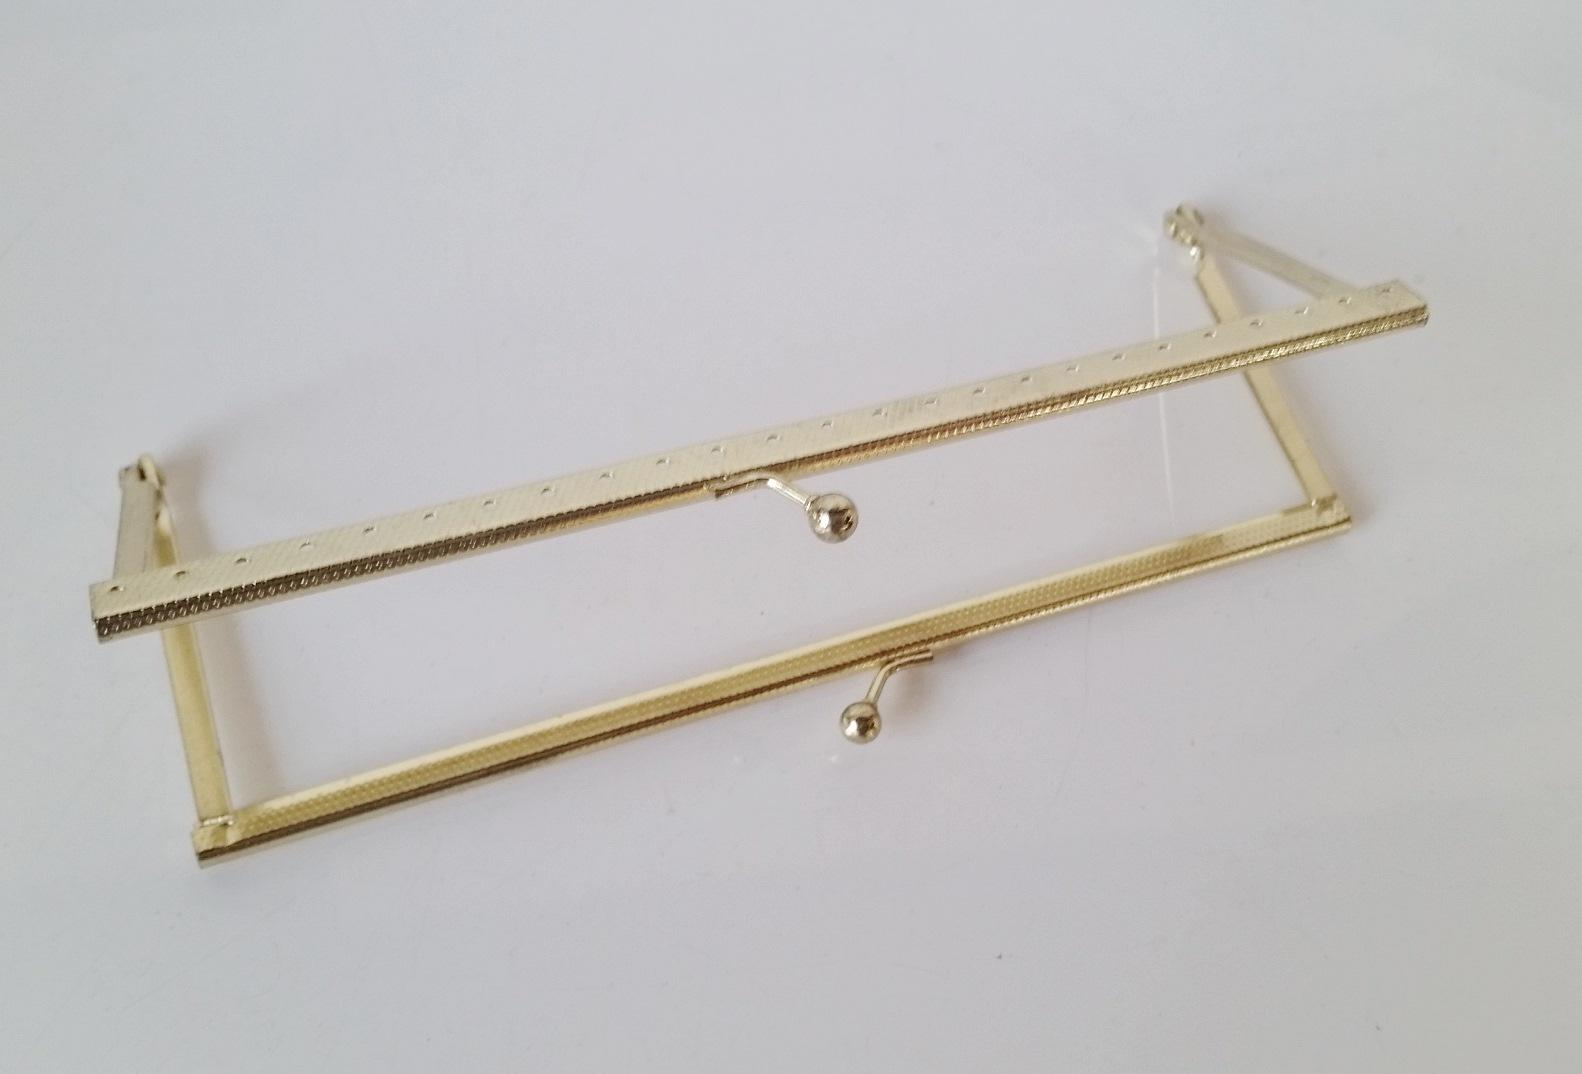 Armação 18cm x 6cm Gravada c/ furos e argolas Latonada